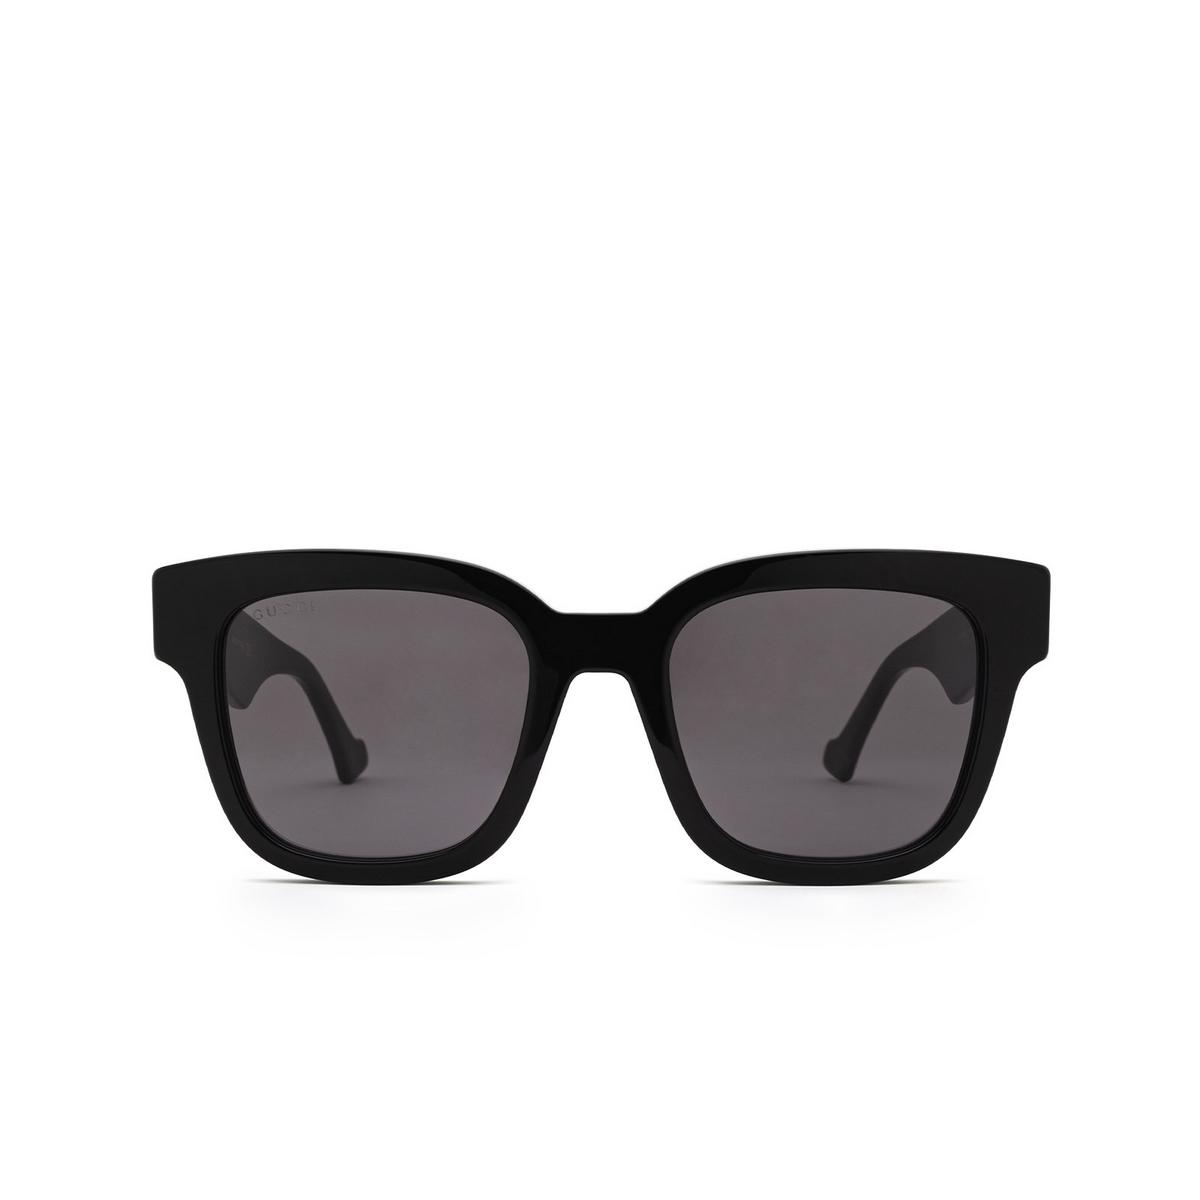 Gucci® Square Sunglasses: GG0998S color Black 001 - front view.